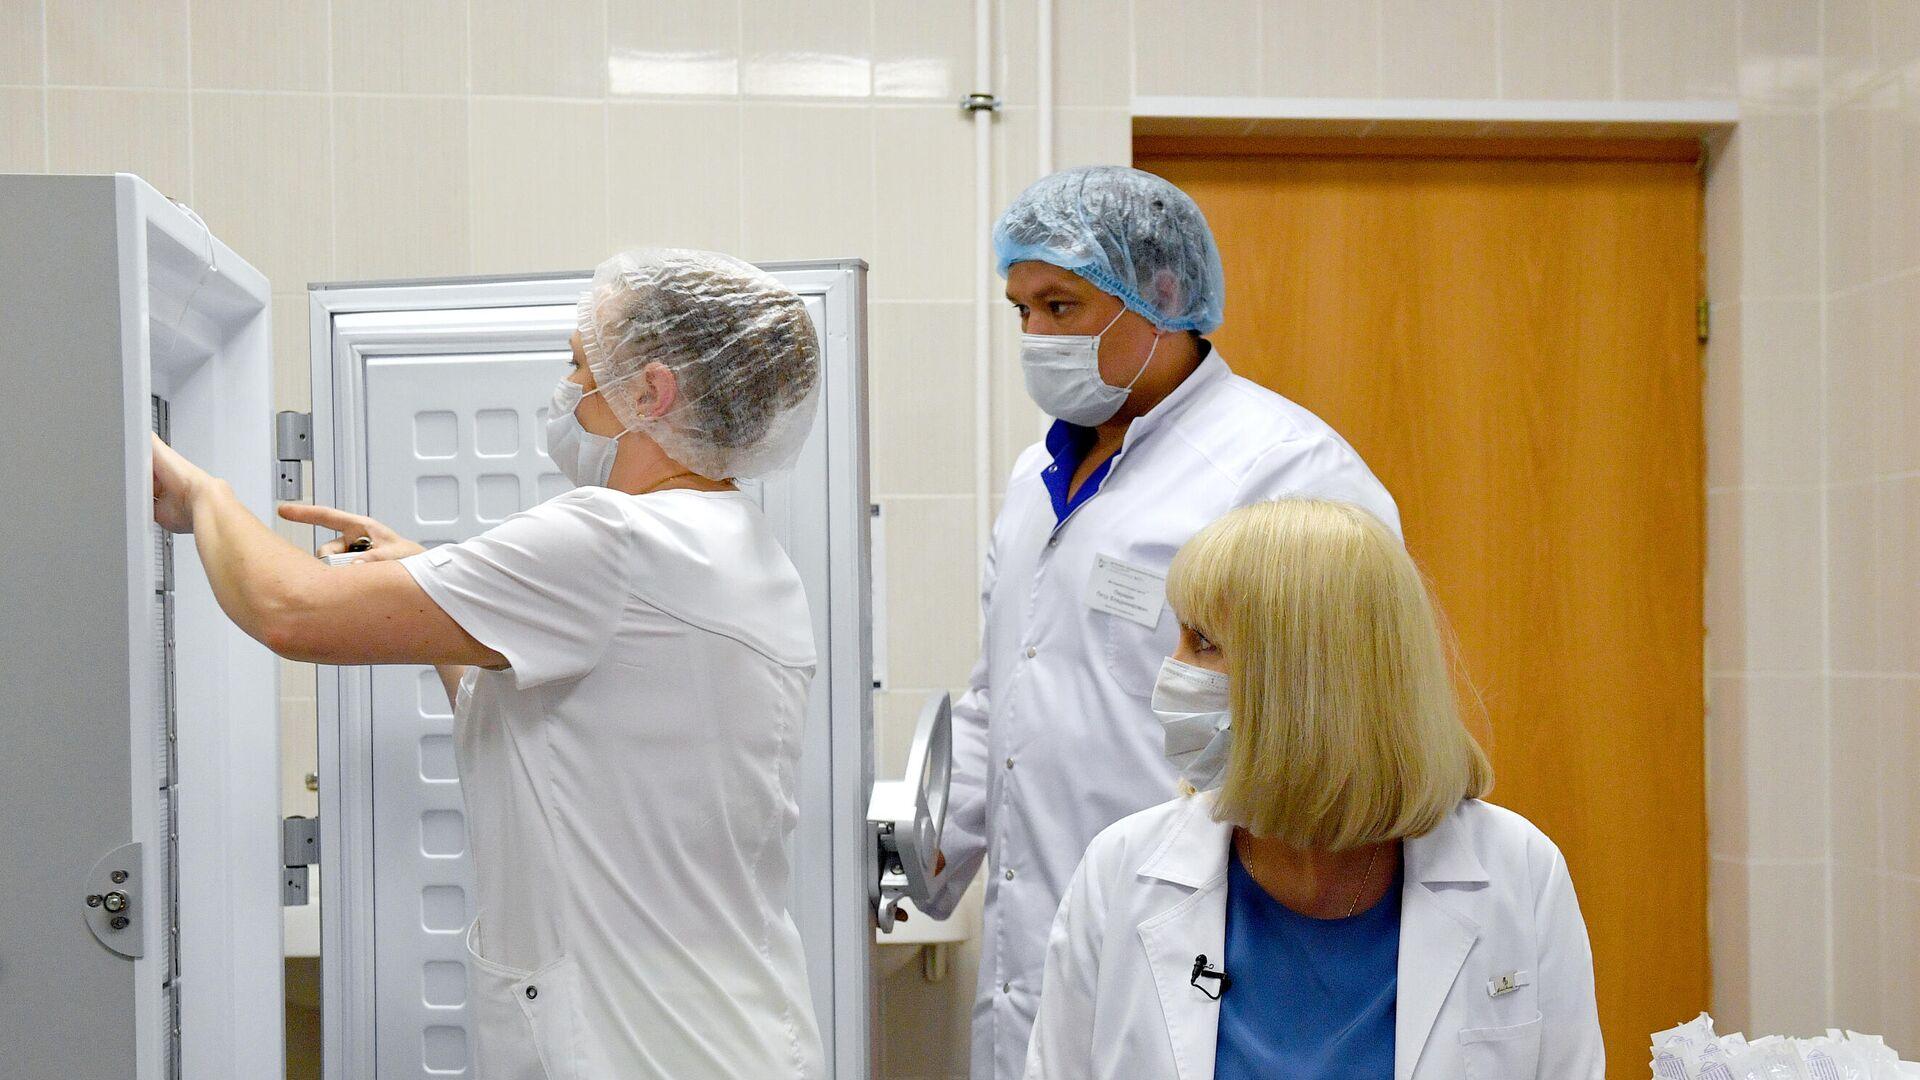 Подготовка к вакцинации добровольца против COVID-19 - РИА Новости, 1920, 17.09.2020